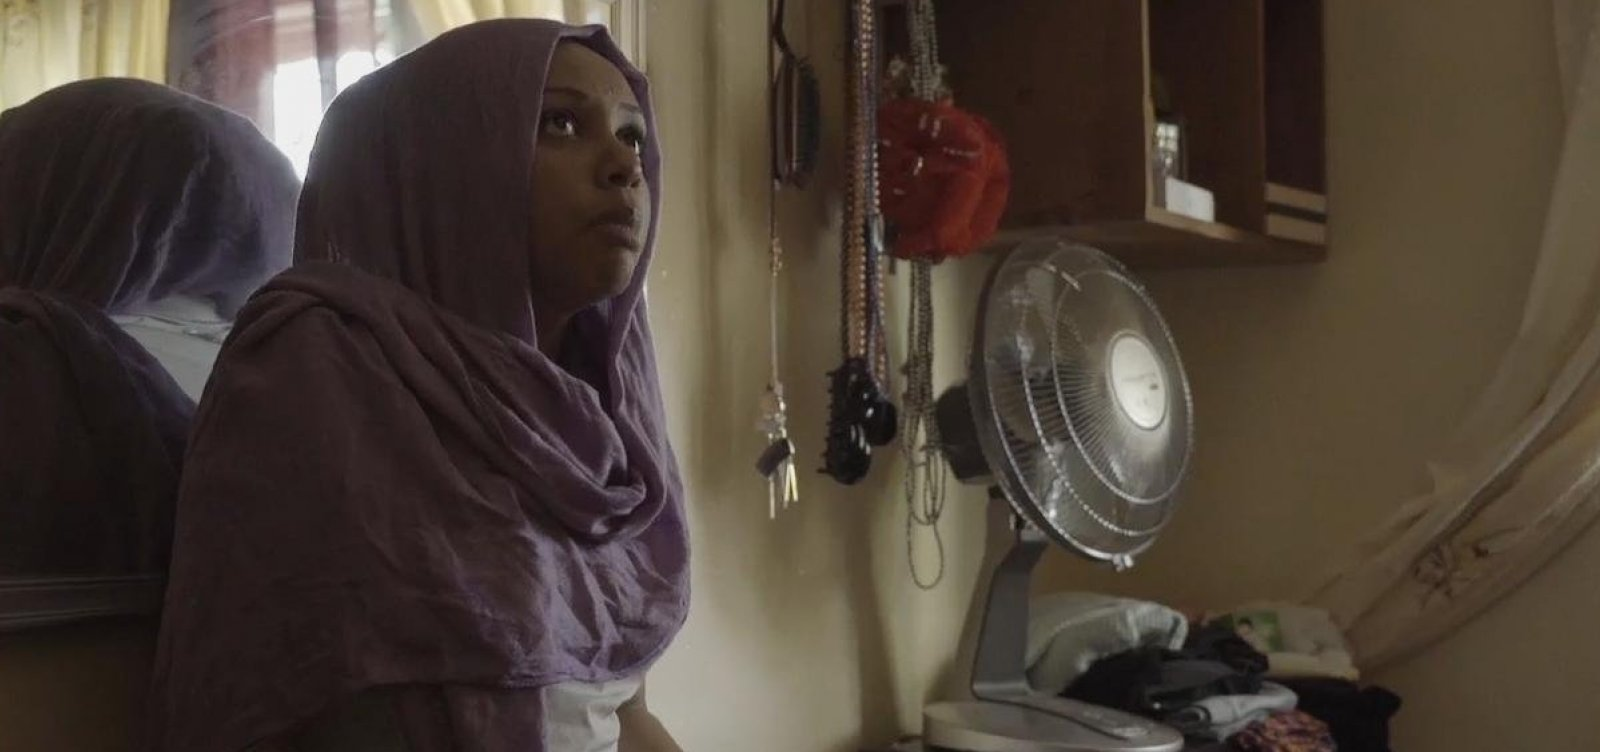 [Mostra Espelhos d'África destaca filmes produzidos no continente]